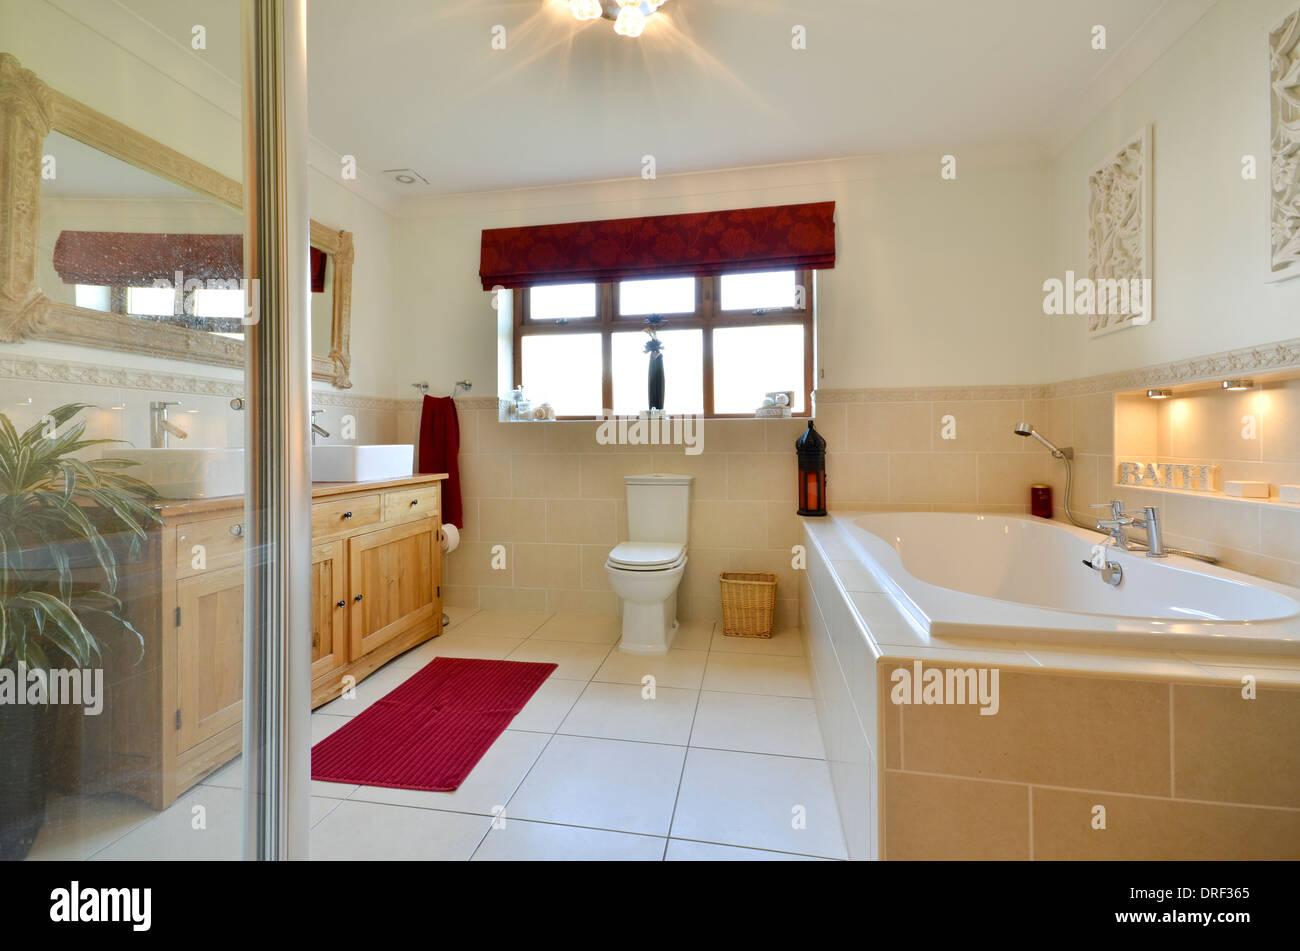 Vasca Da Bagno Rivestita : Bagno rivestito di piastrelle con vasca da bagno e box doccia foto